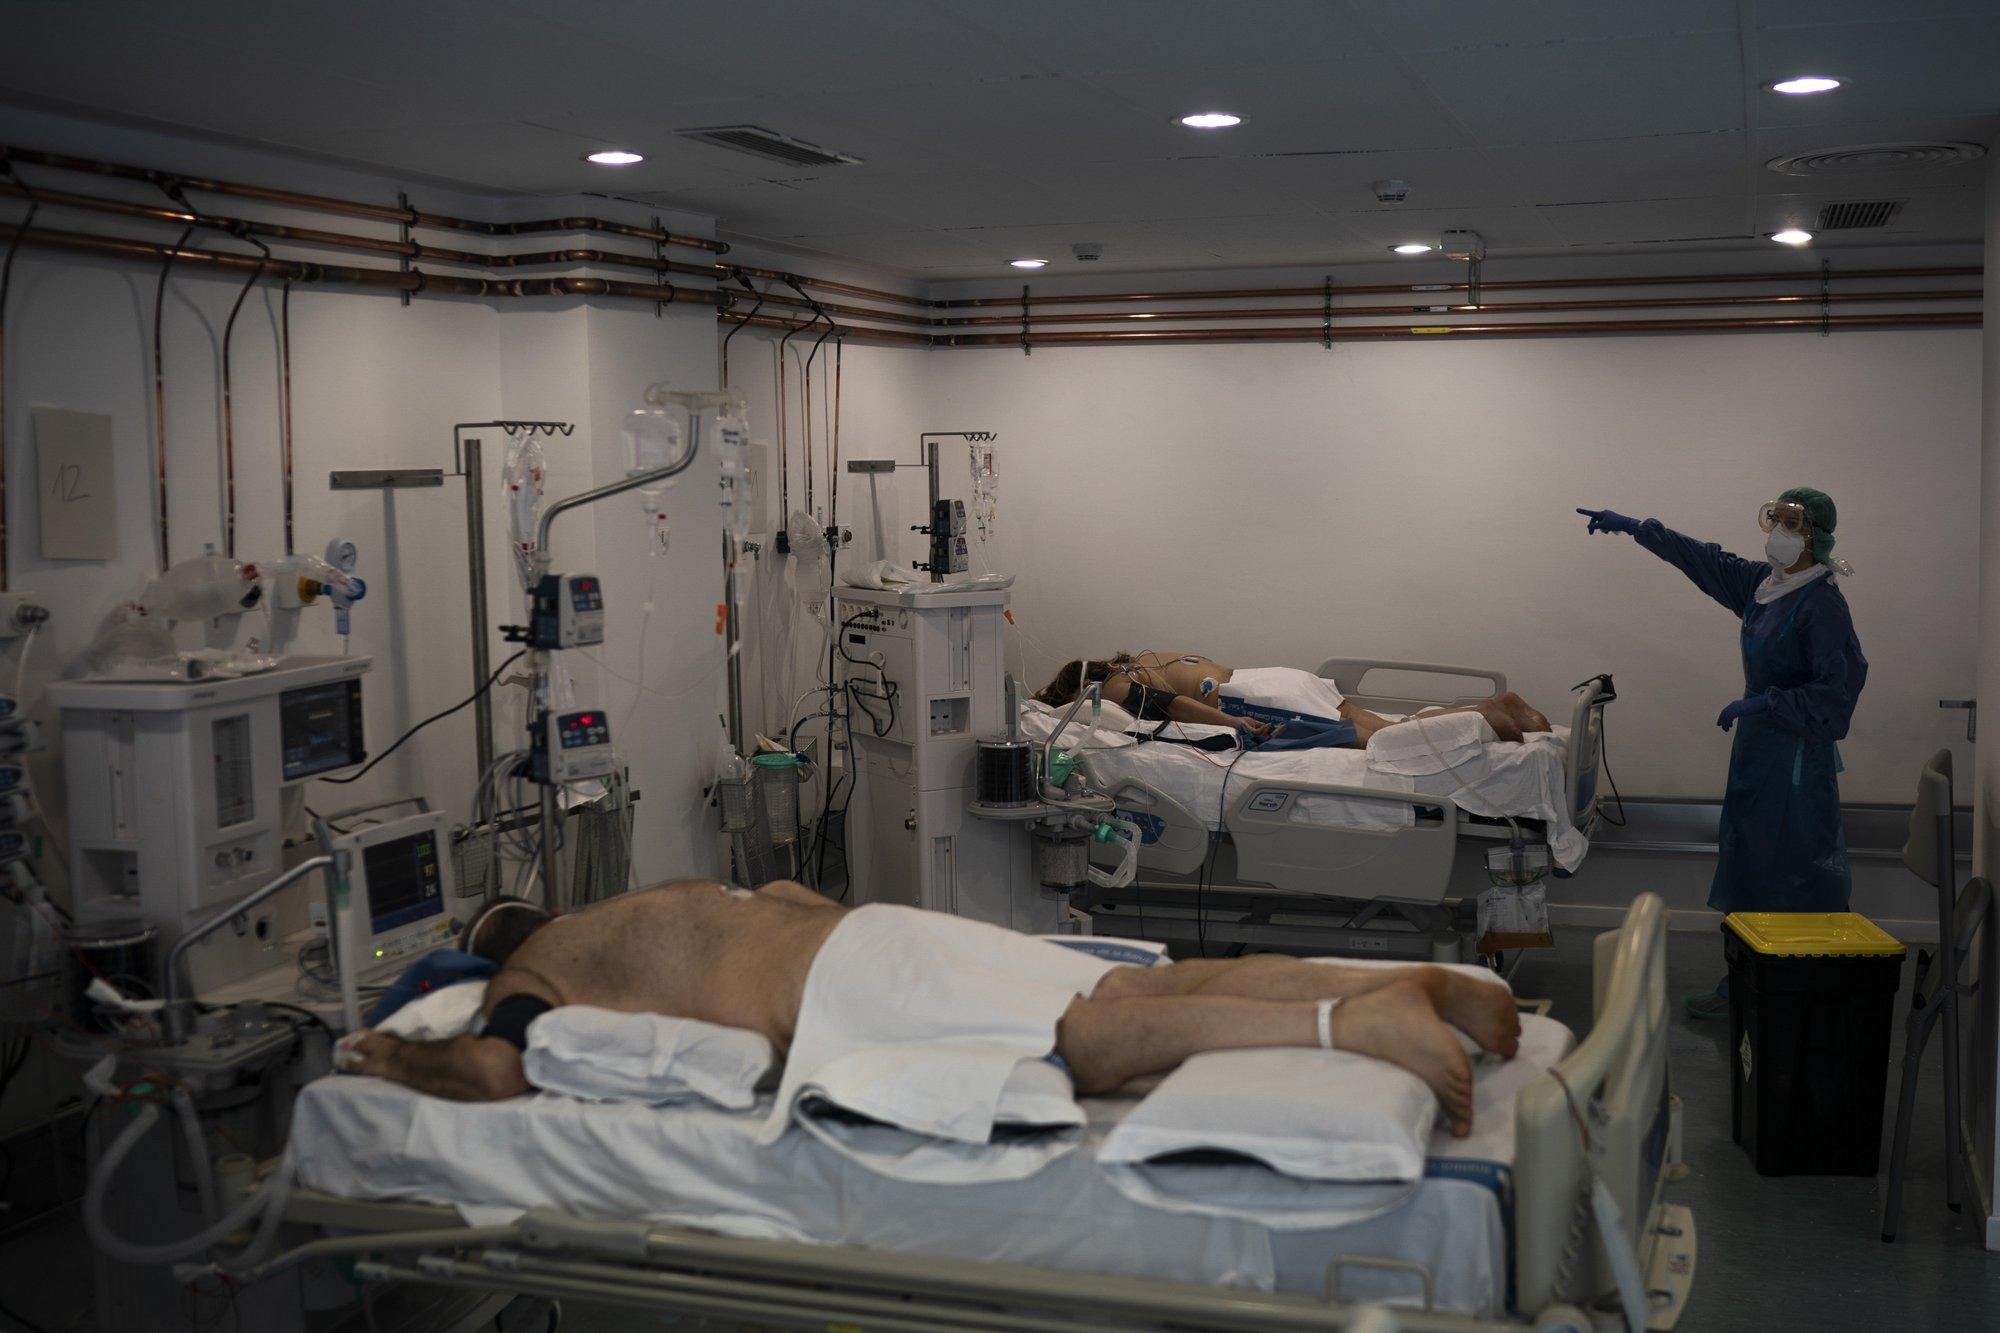 Algunos pacientes en grave estado son puestos boca abajo para quitarle presión a sus pulmones en plena lucha contra el coronavirus en un hospital de Baladona, cerca de Barcelona (AP Photo/Felipe Dana)